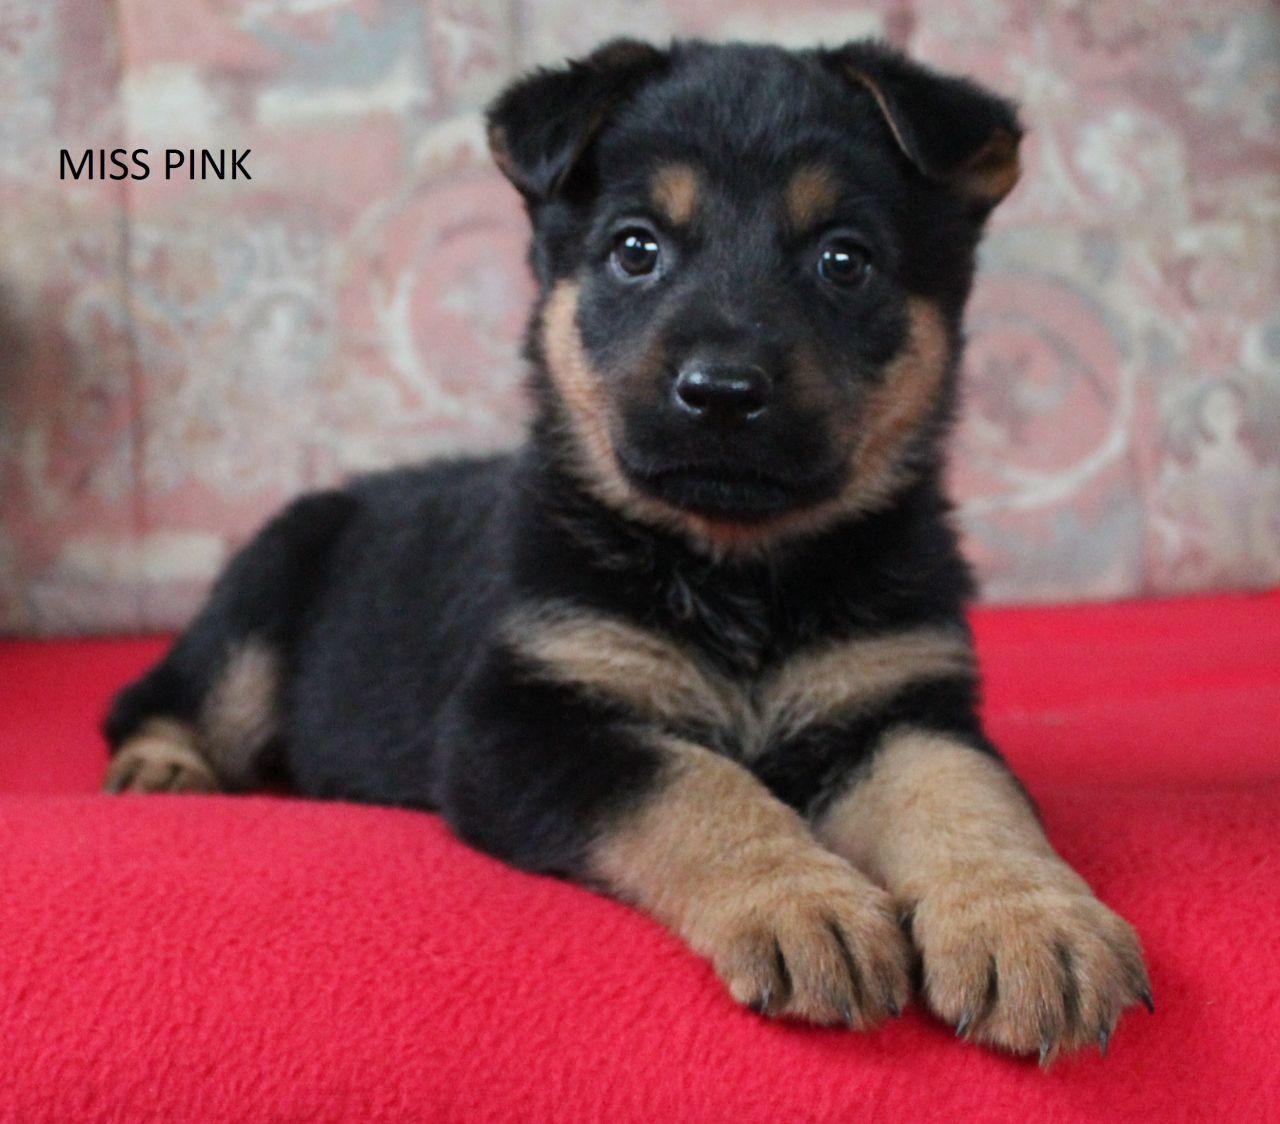 German Shepherd X Rottweiler Puppies 1 Girl Left Stowmarket Suffolk Pets4homes Rottweiler Puppies Puppies Rottweiler